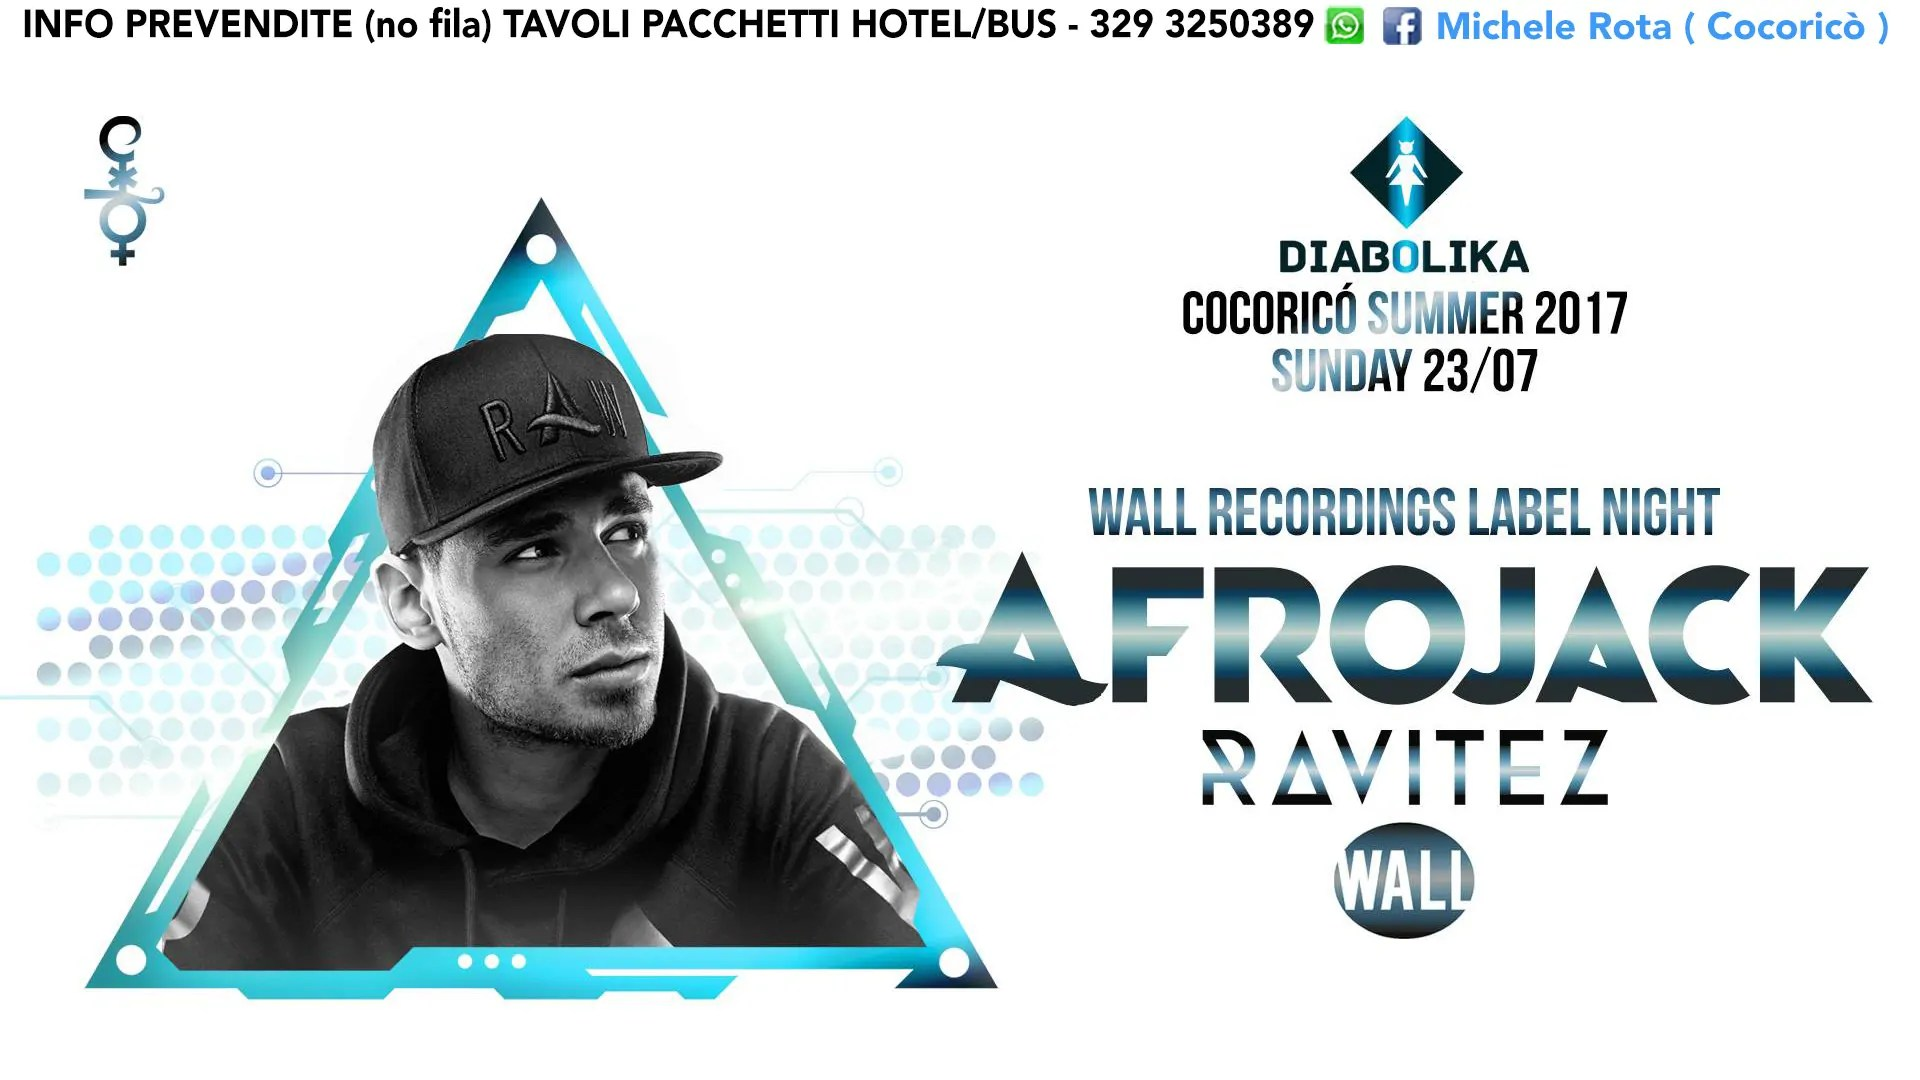 Afrojack Cocorico Riccione 23 Luglio 2017 Ticket Tavoli Pacchetti Hotel